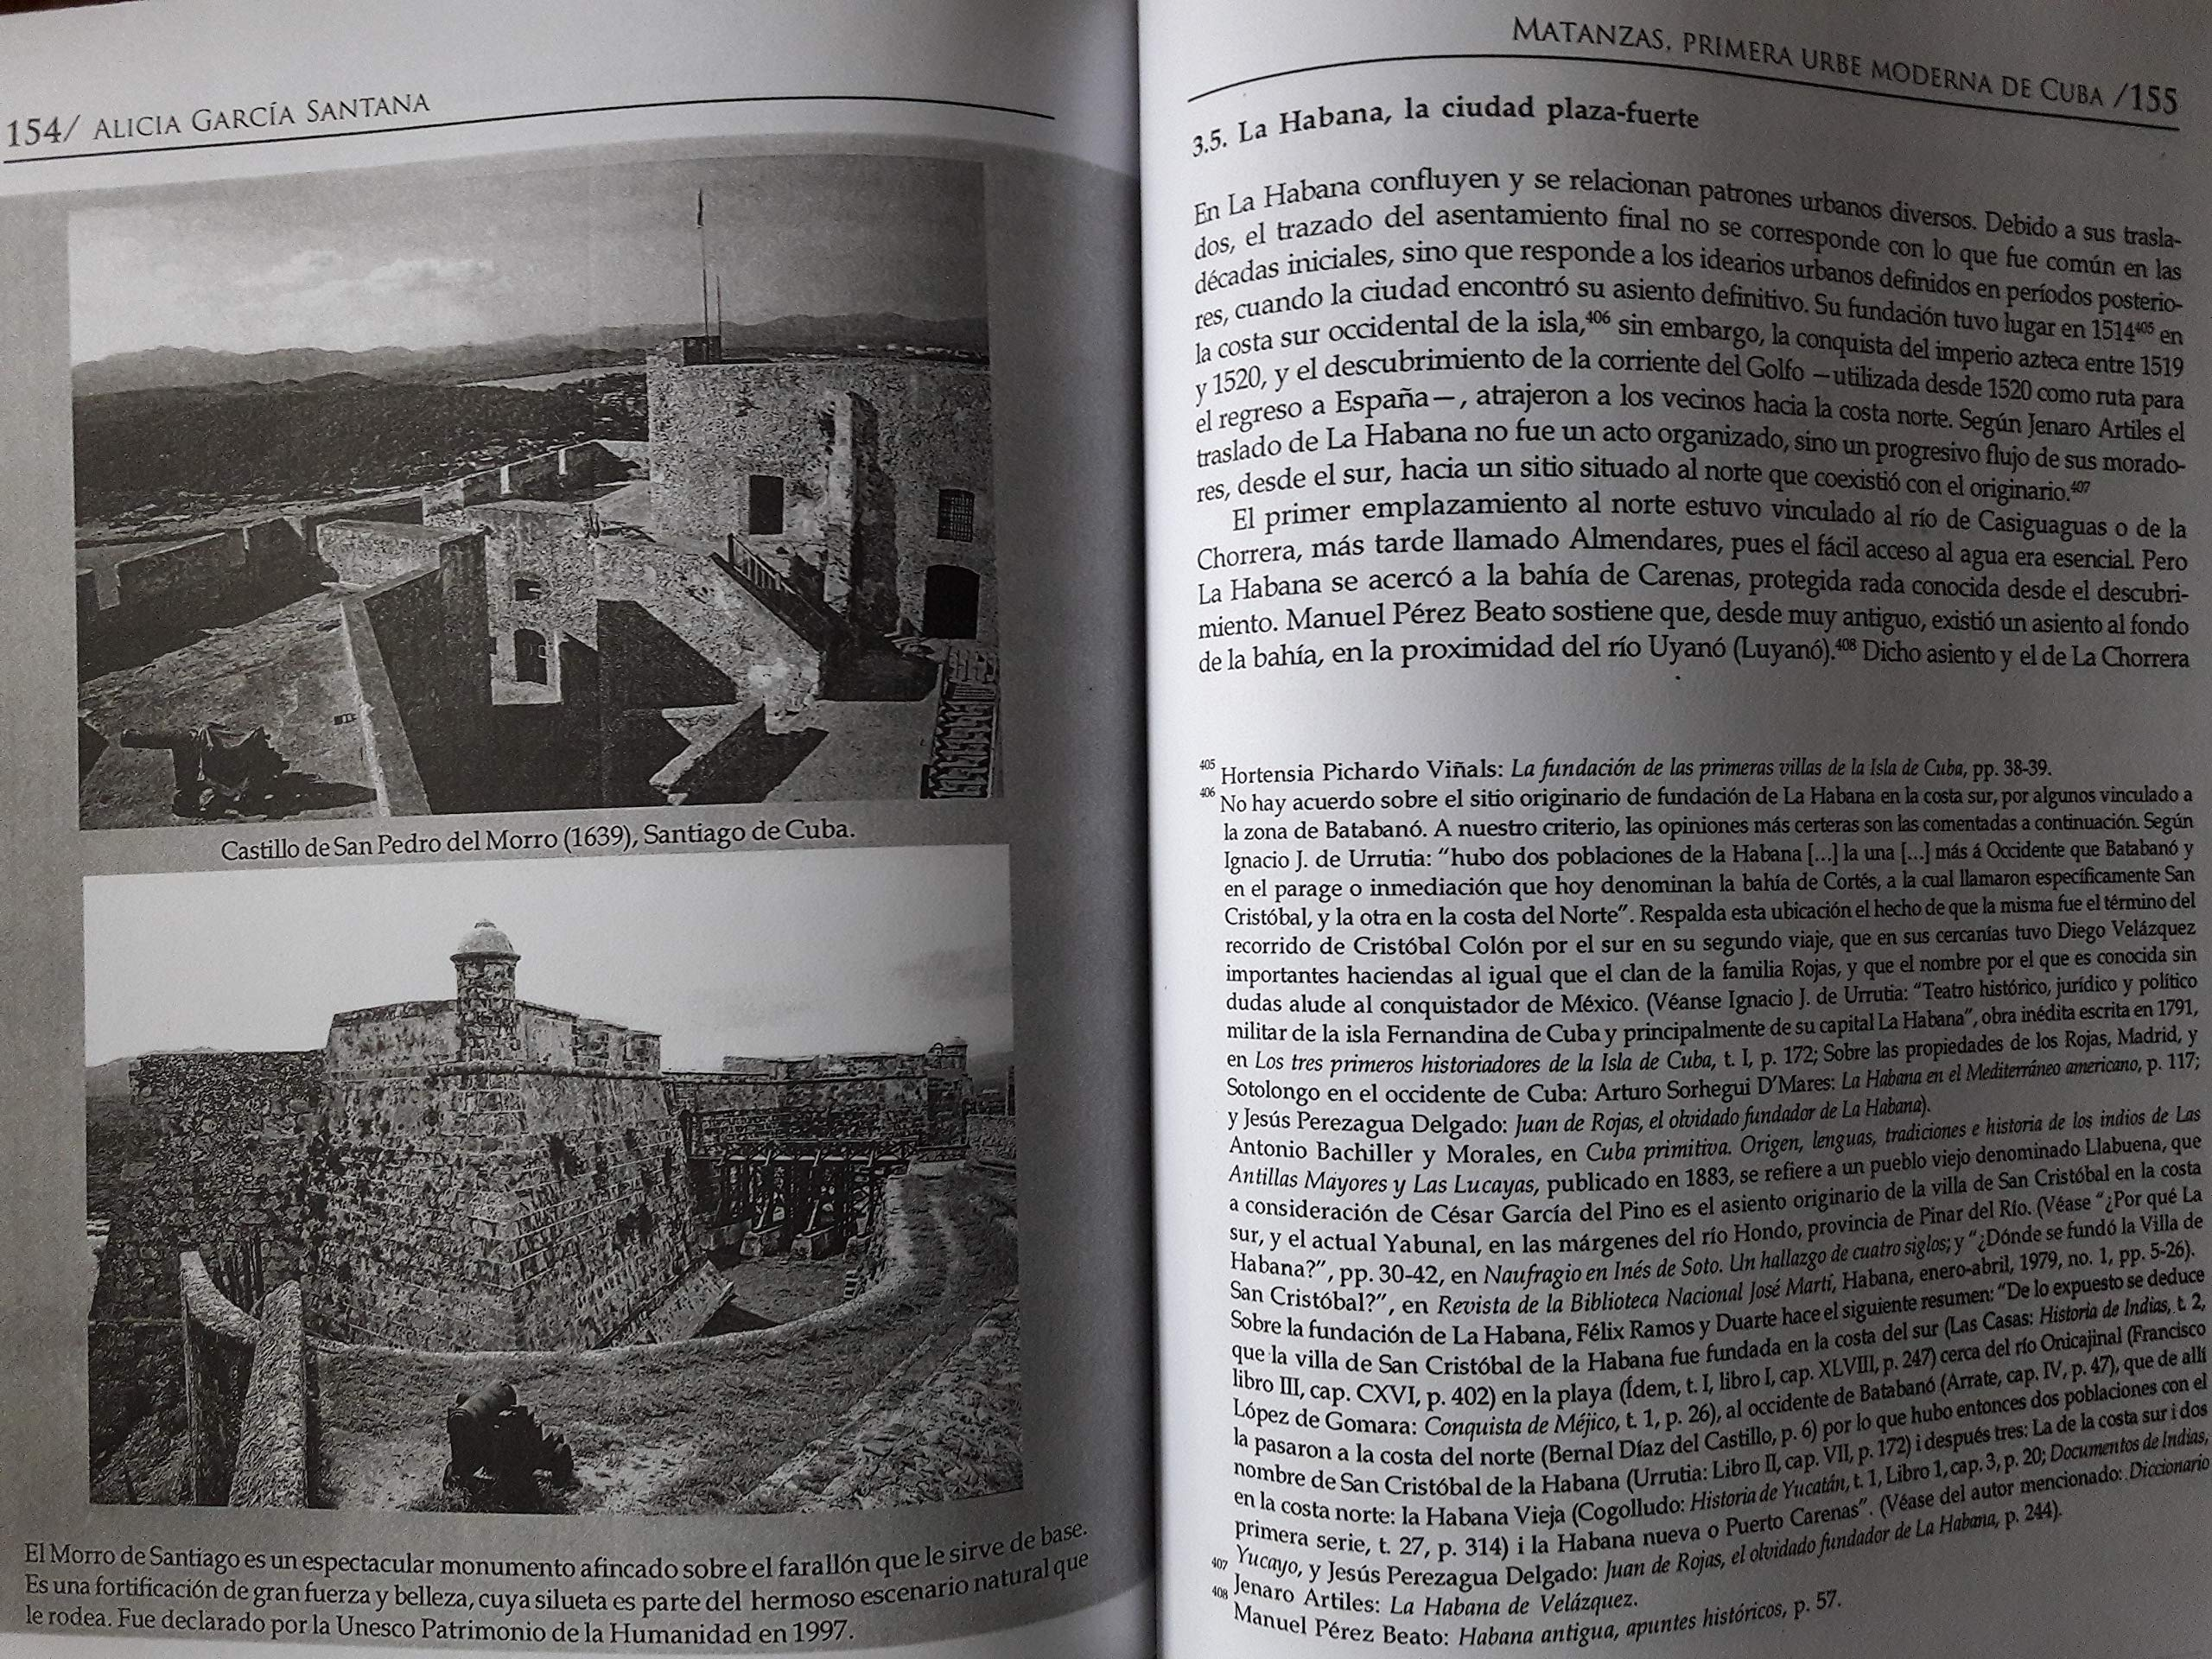 Matanzas primera urbe moderna de cuba.spanish edition.: Alicia garcia santan, julio larramendi: 9789592683945: Amazon.com: Books